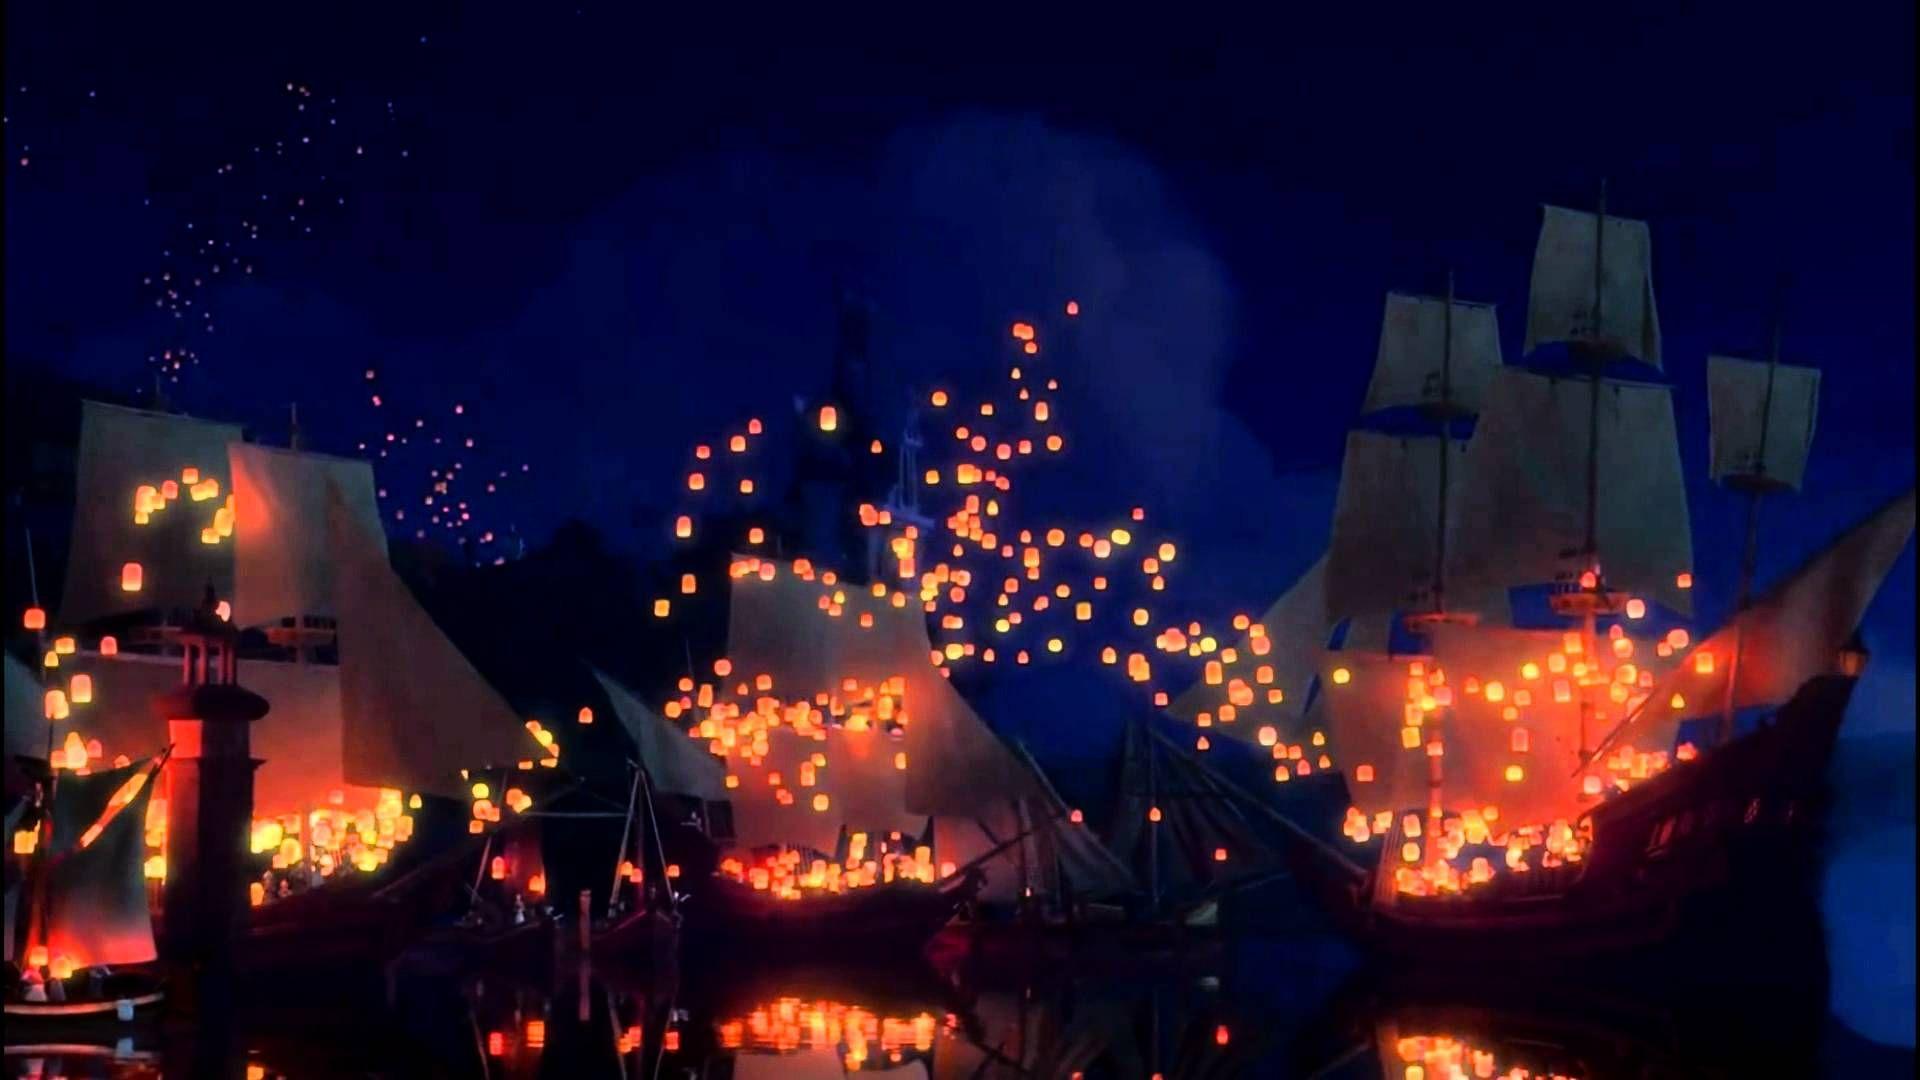 disney 30 day challenge day 29, favorite overall scene: the ... for Lantern Festival Tangled  143gtk